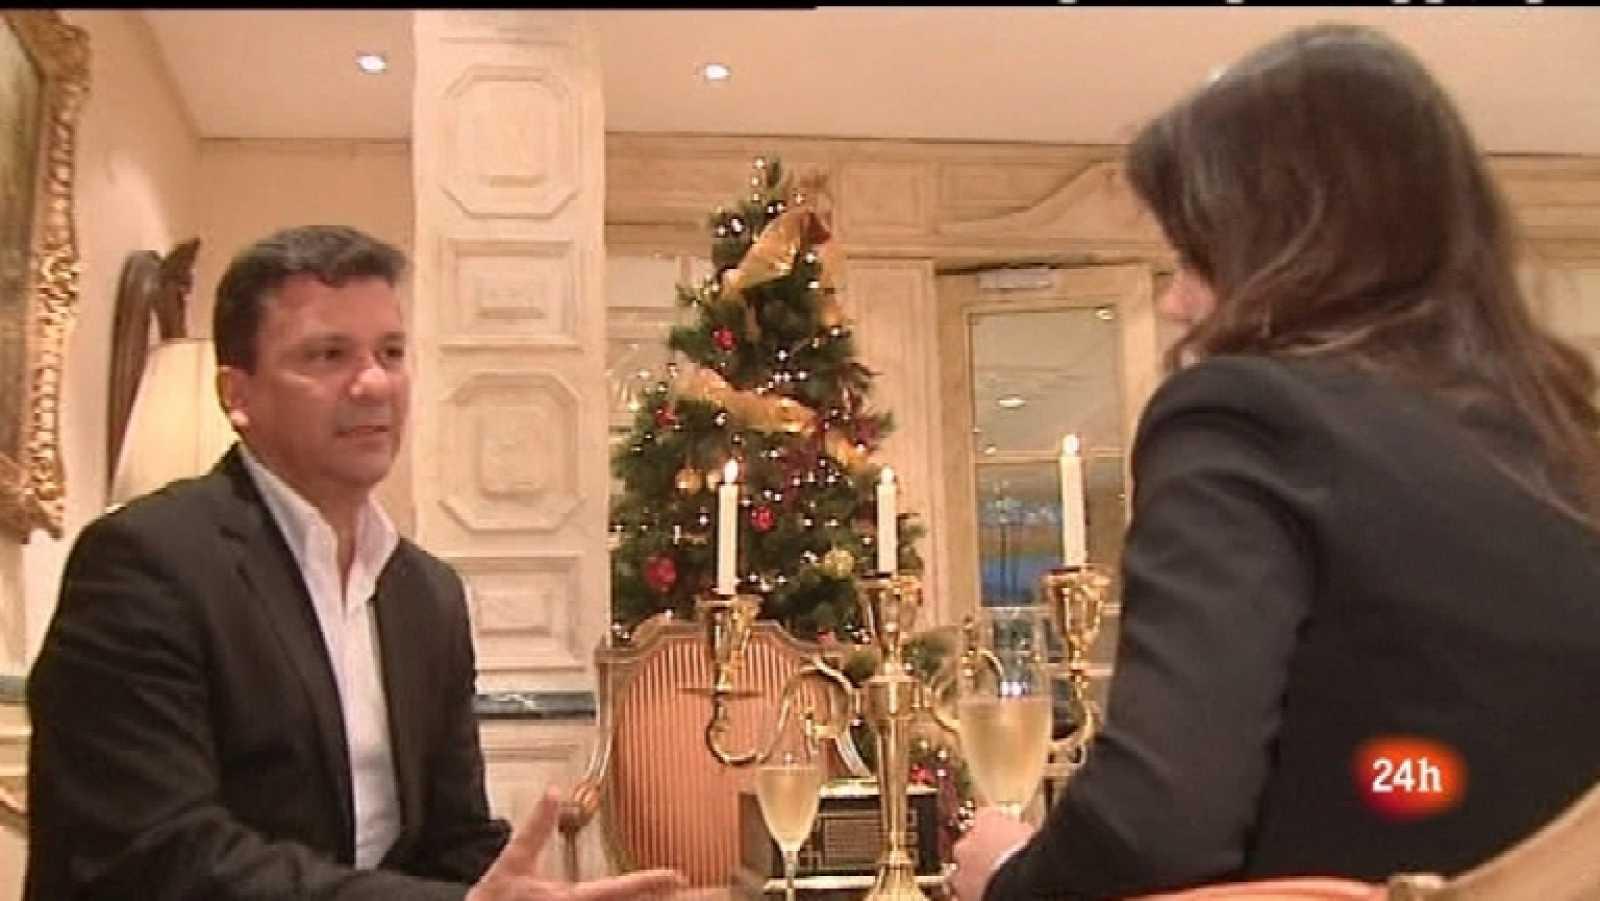 Zoom Tendencias - Navidades de hotel. Las salesas. La cocina Samantha Vallejo -Nájera  - 26/11/11 - Ver ahora